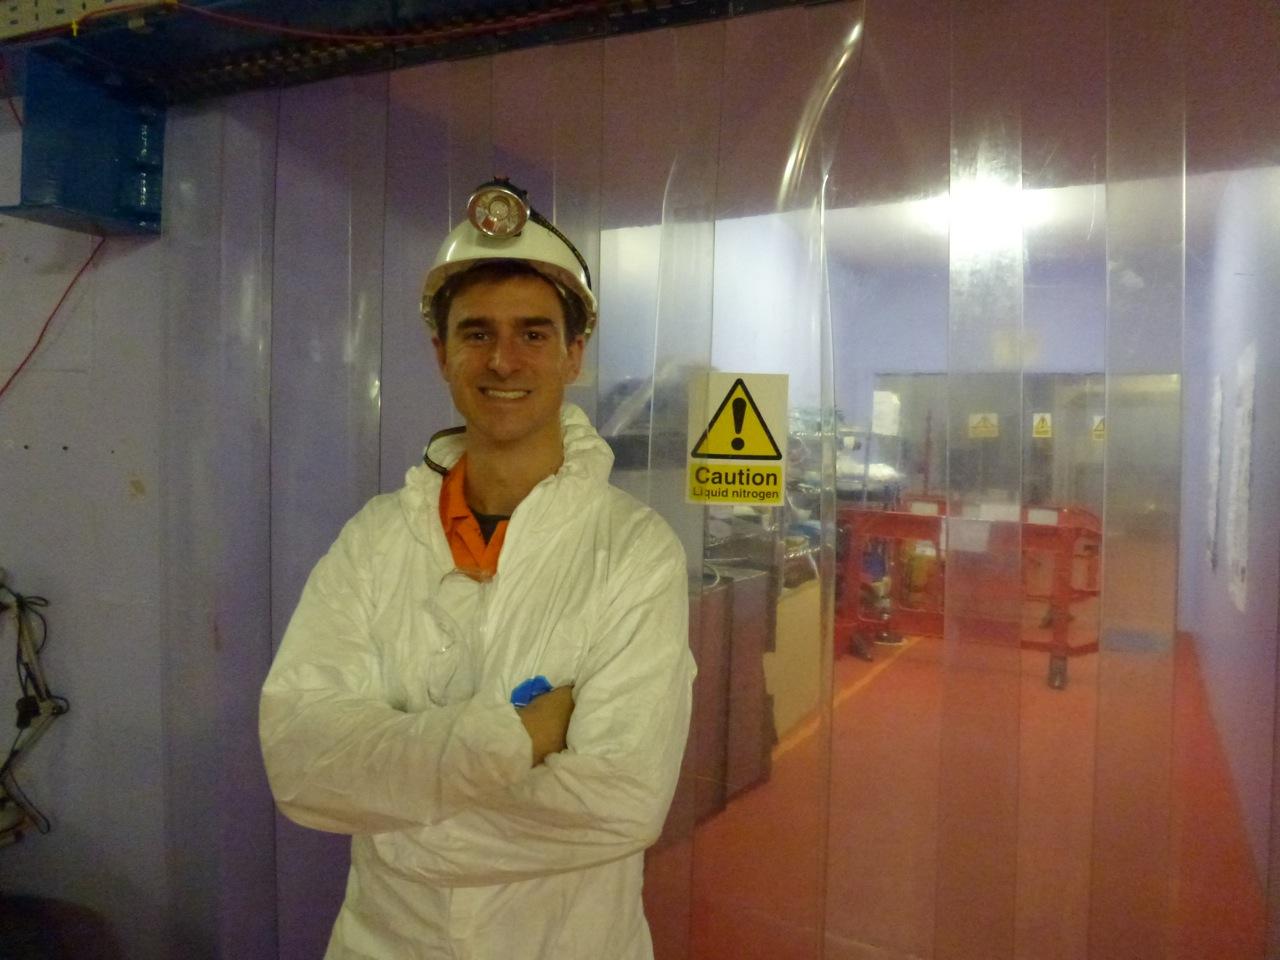 Down in the dark matterlab